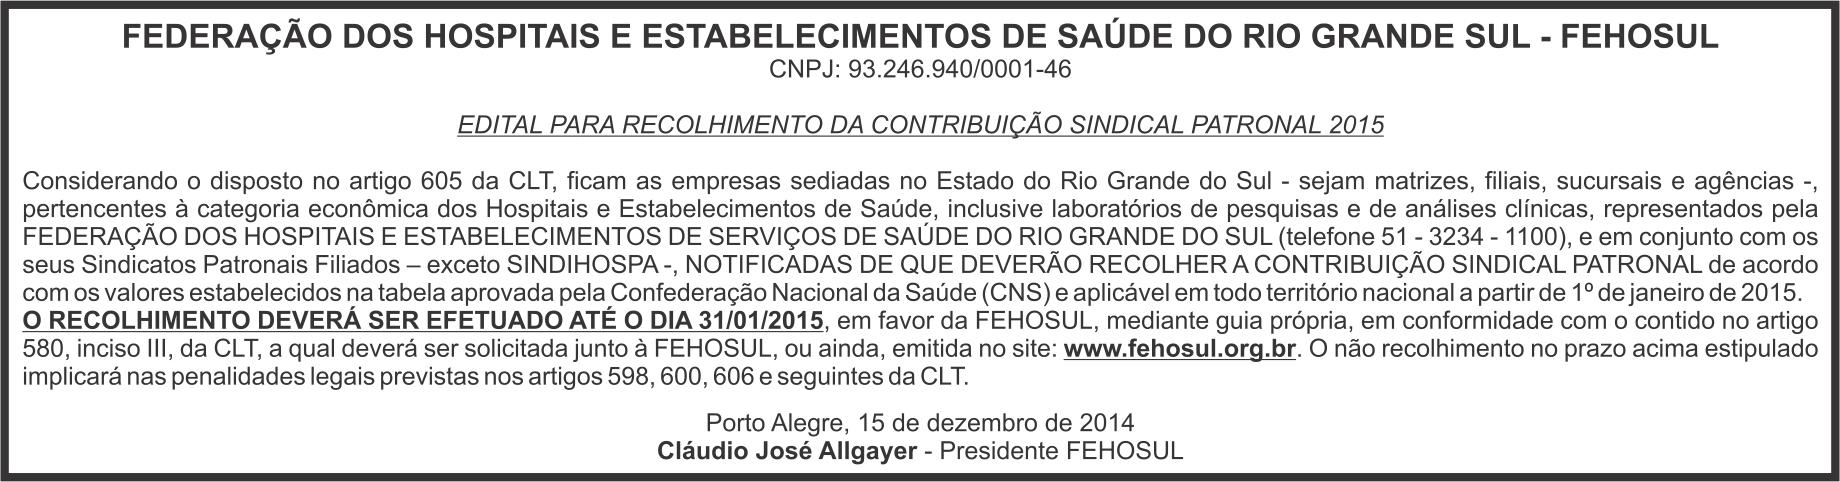 15_12_2015_edital_recolhimento_contribuição_Jornal_Comercio